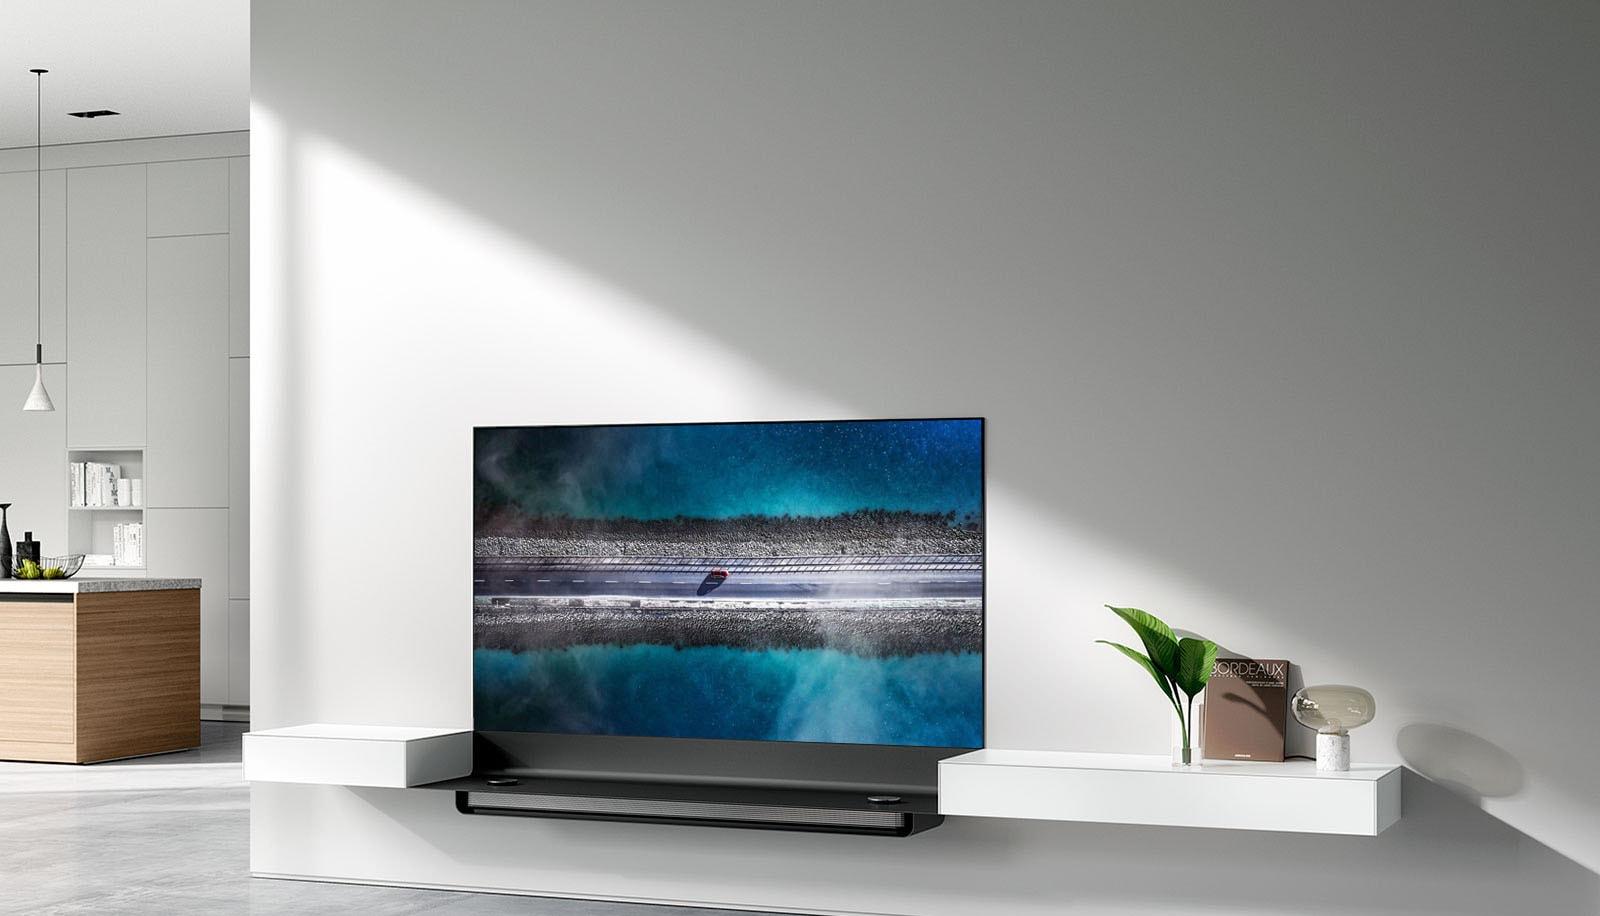 Stilvolle Möbel zu Ihrem OLED TV1